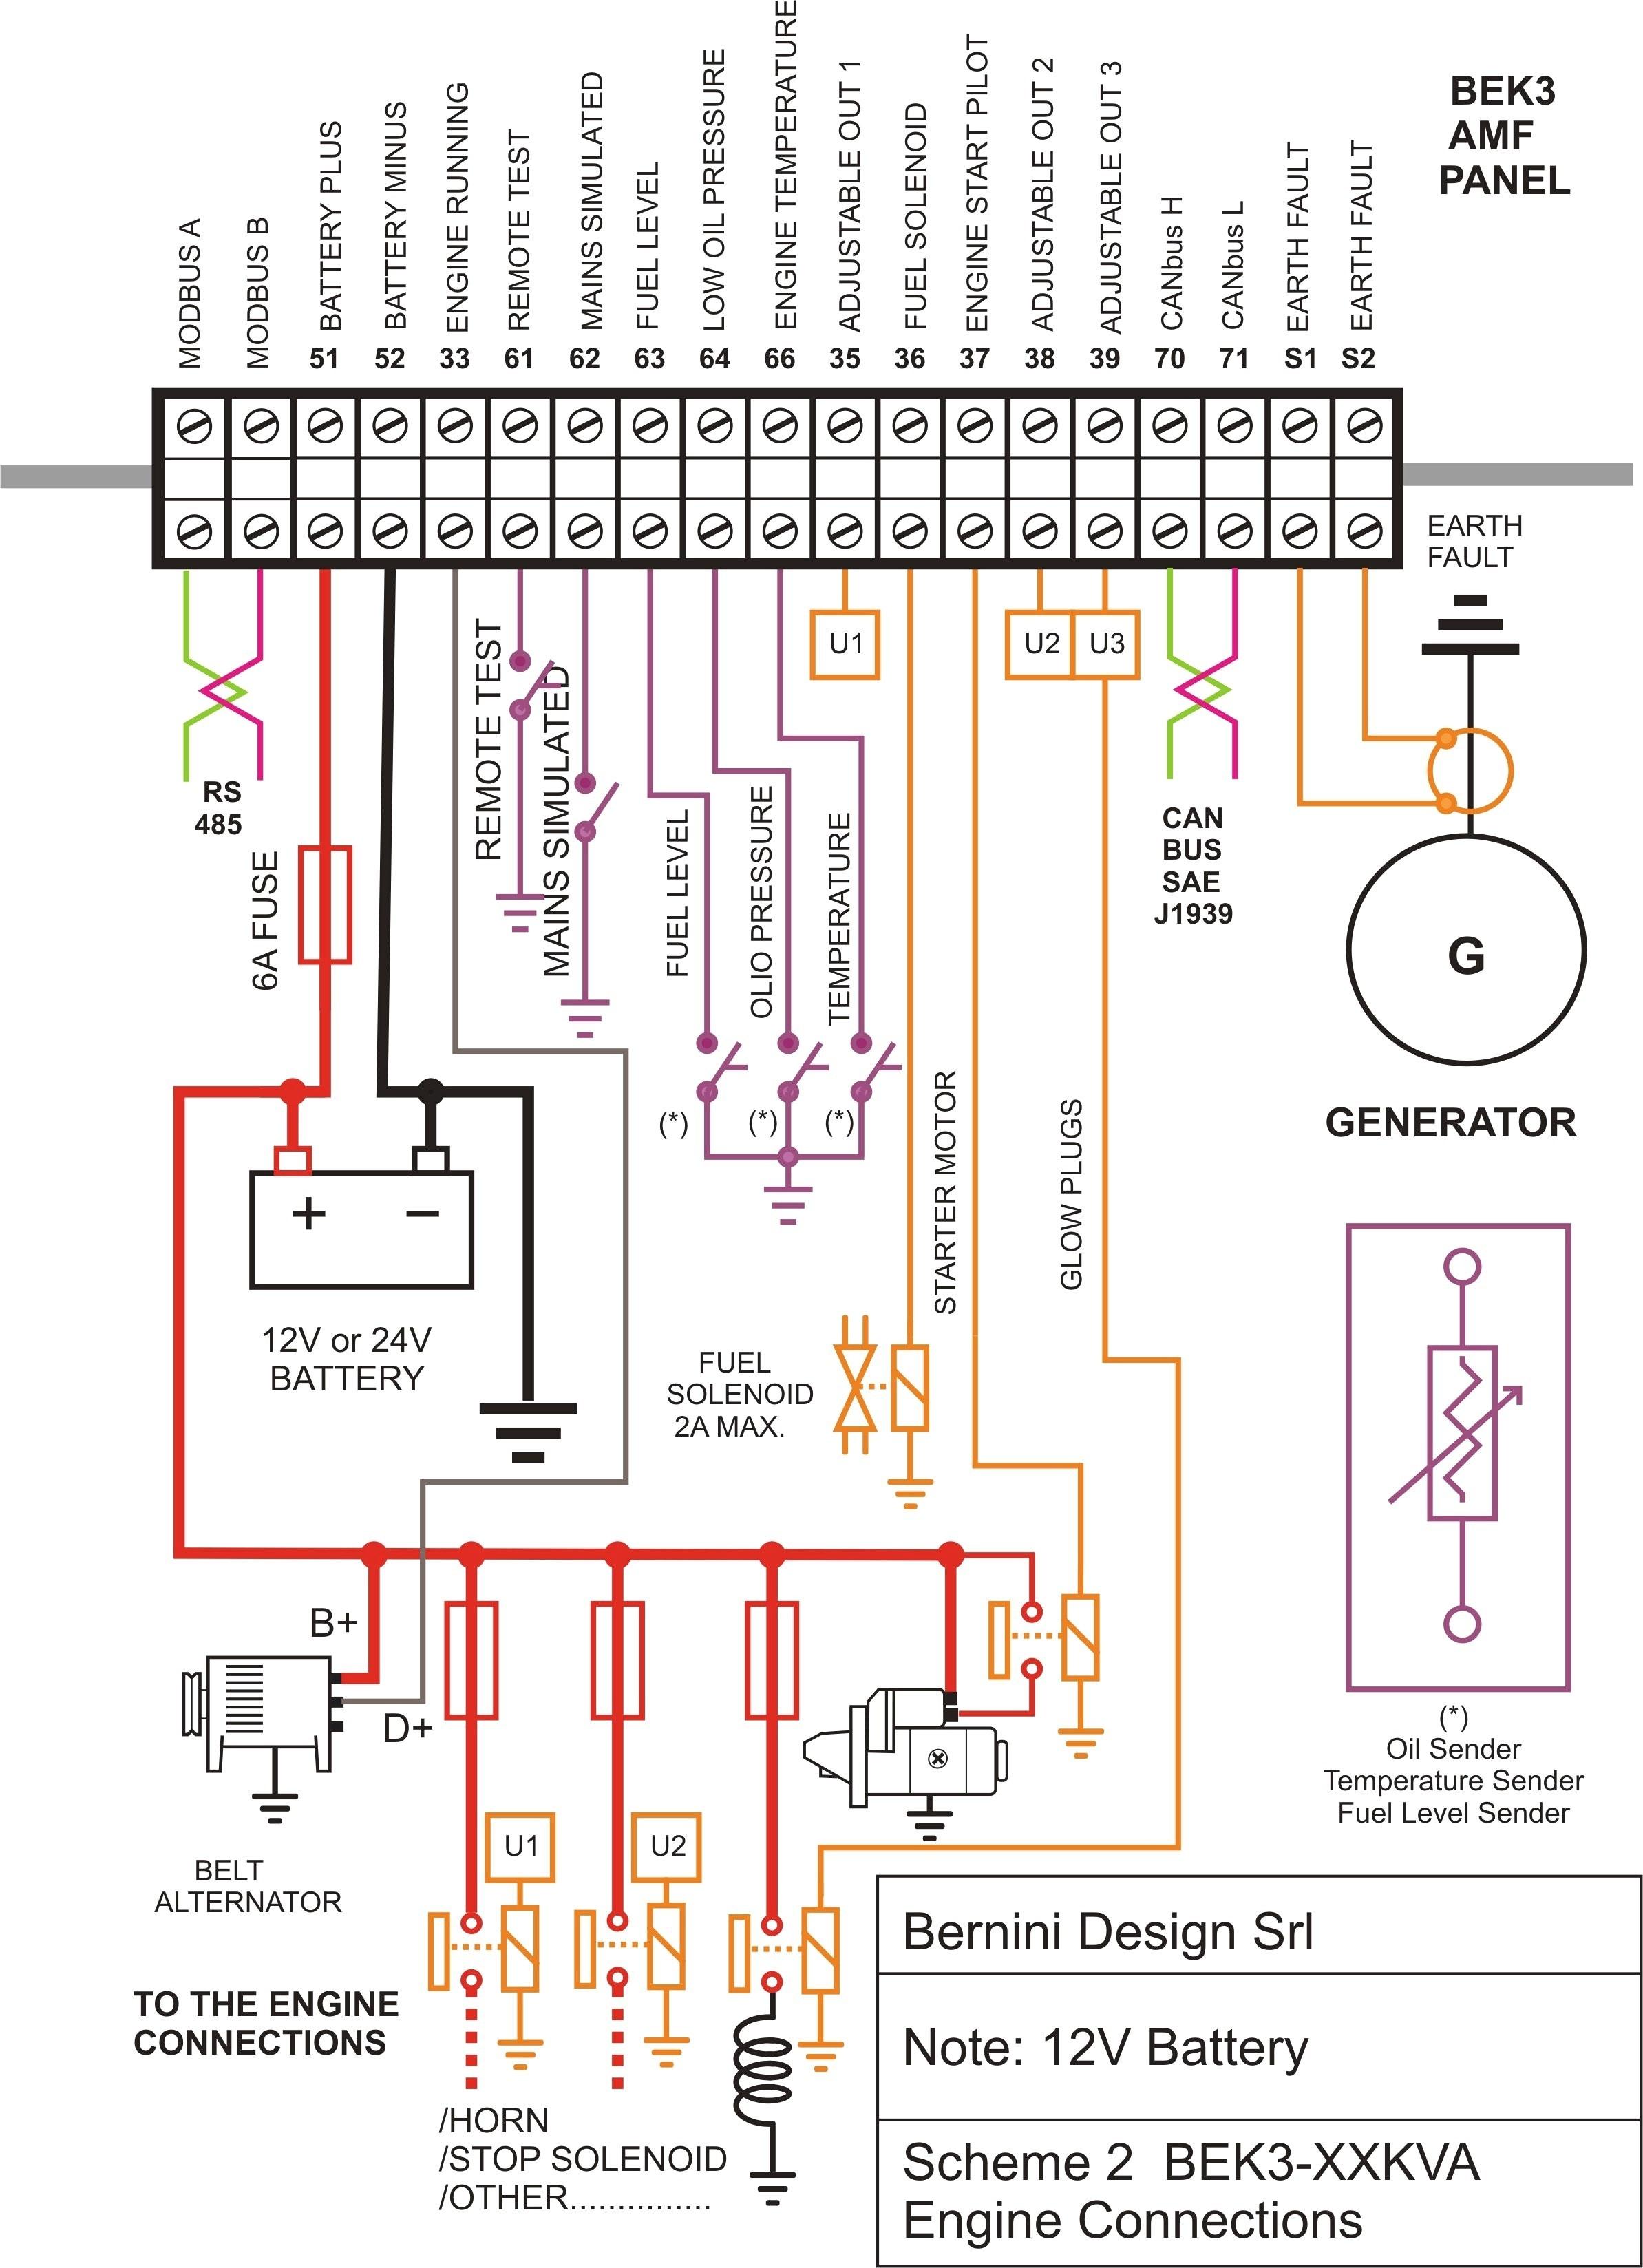 engine stand wiring diagram Download-Engine Test Stand Wiring Diagram 18-f